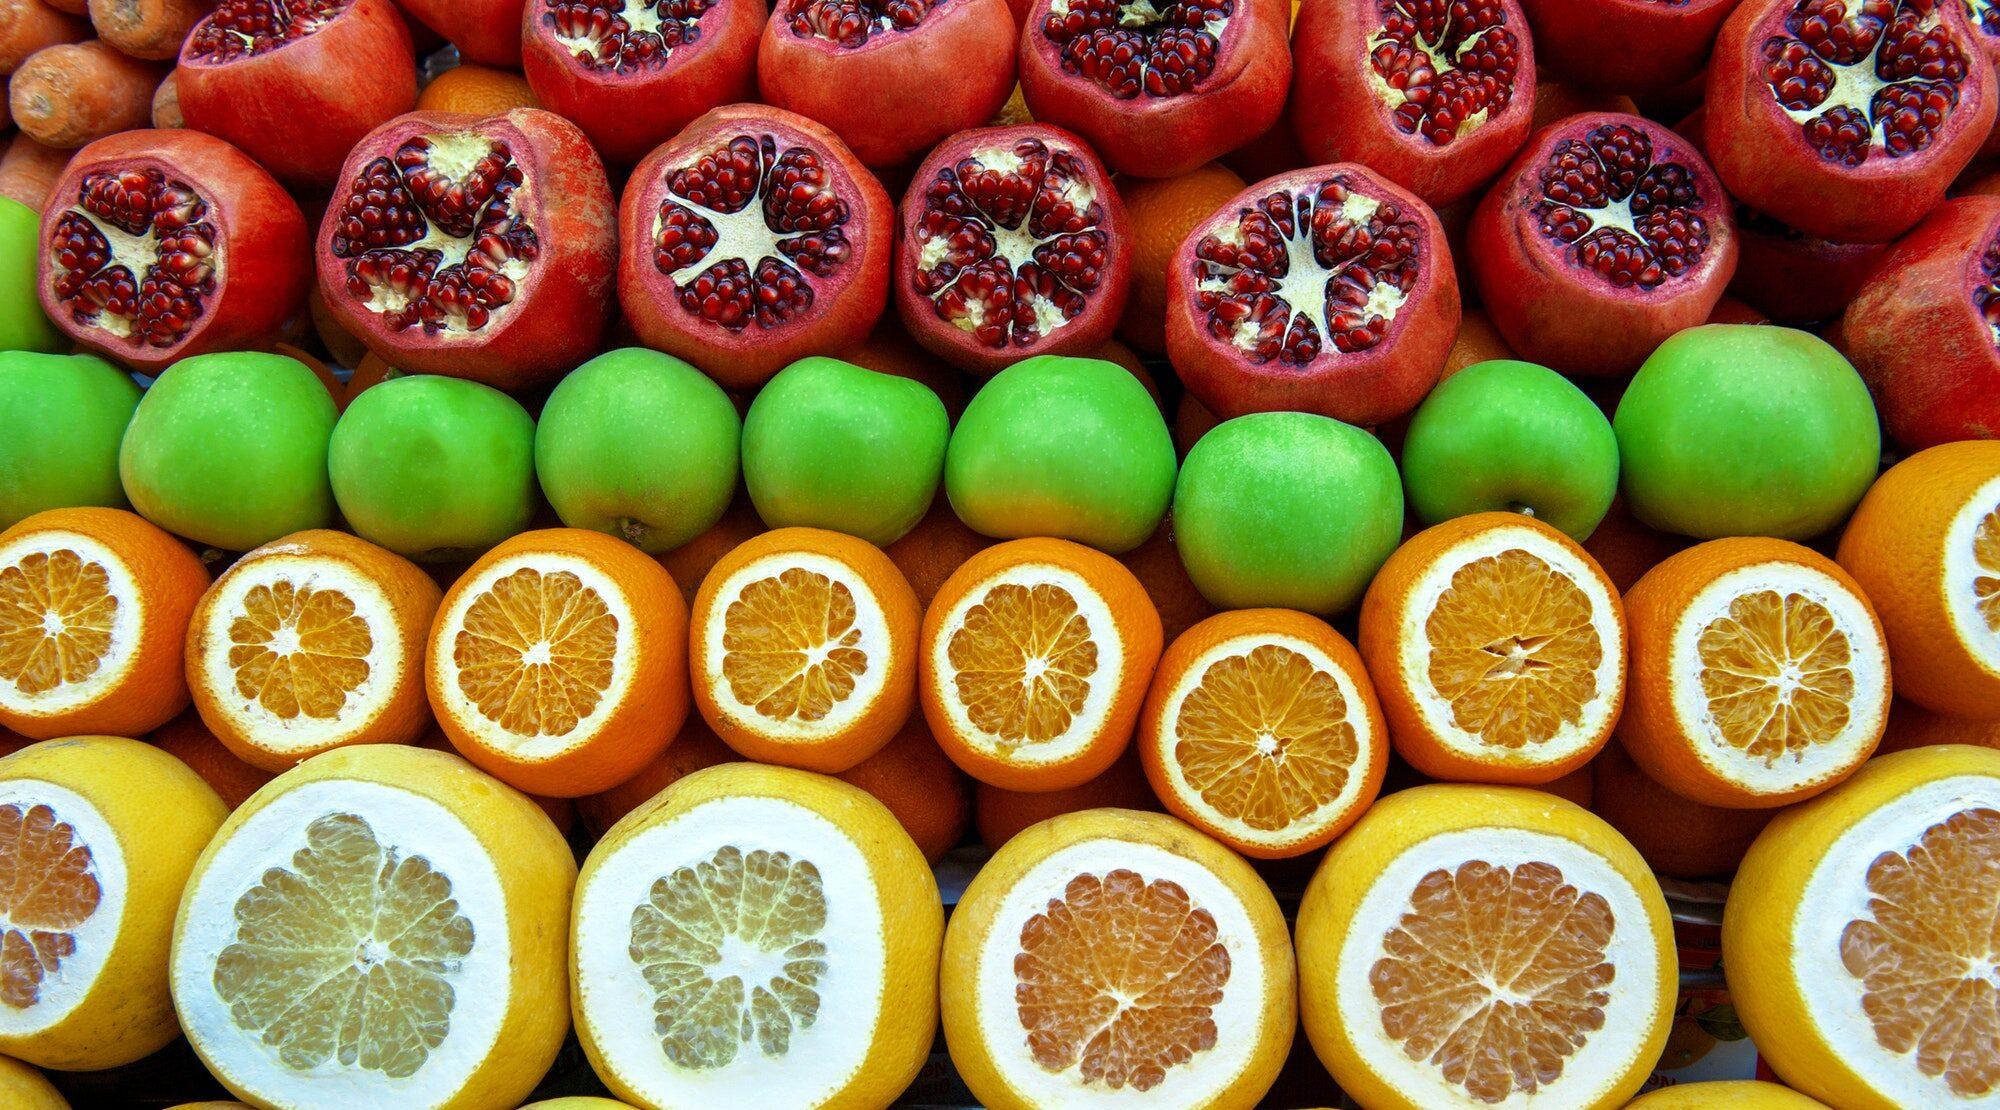 плакат рынков Coldiretti в Неаполе: агропродовольственные прилавки июня 2021 года